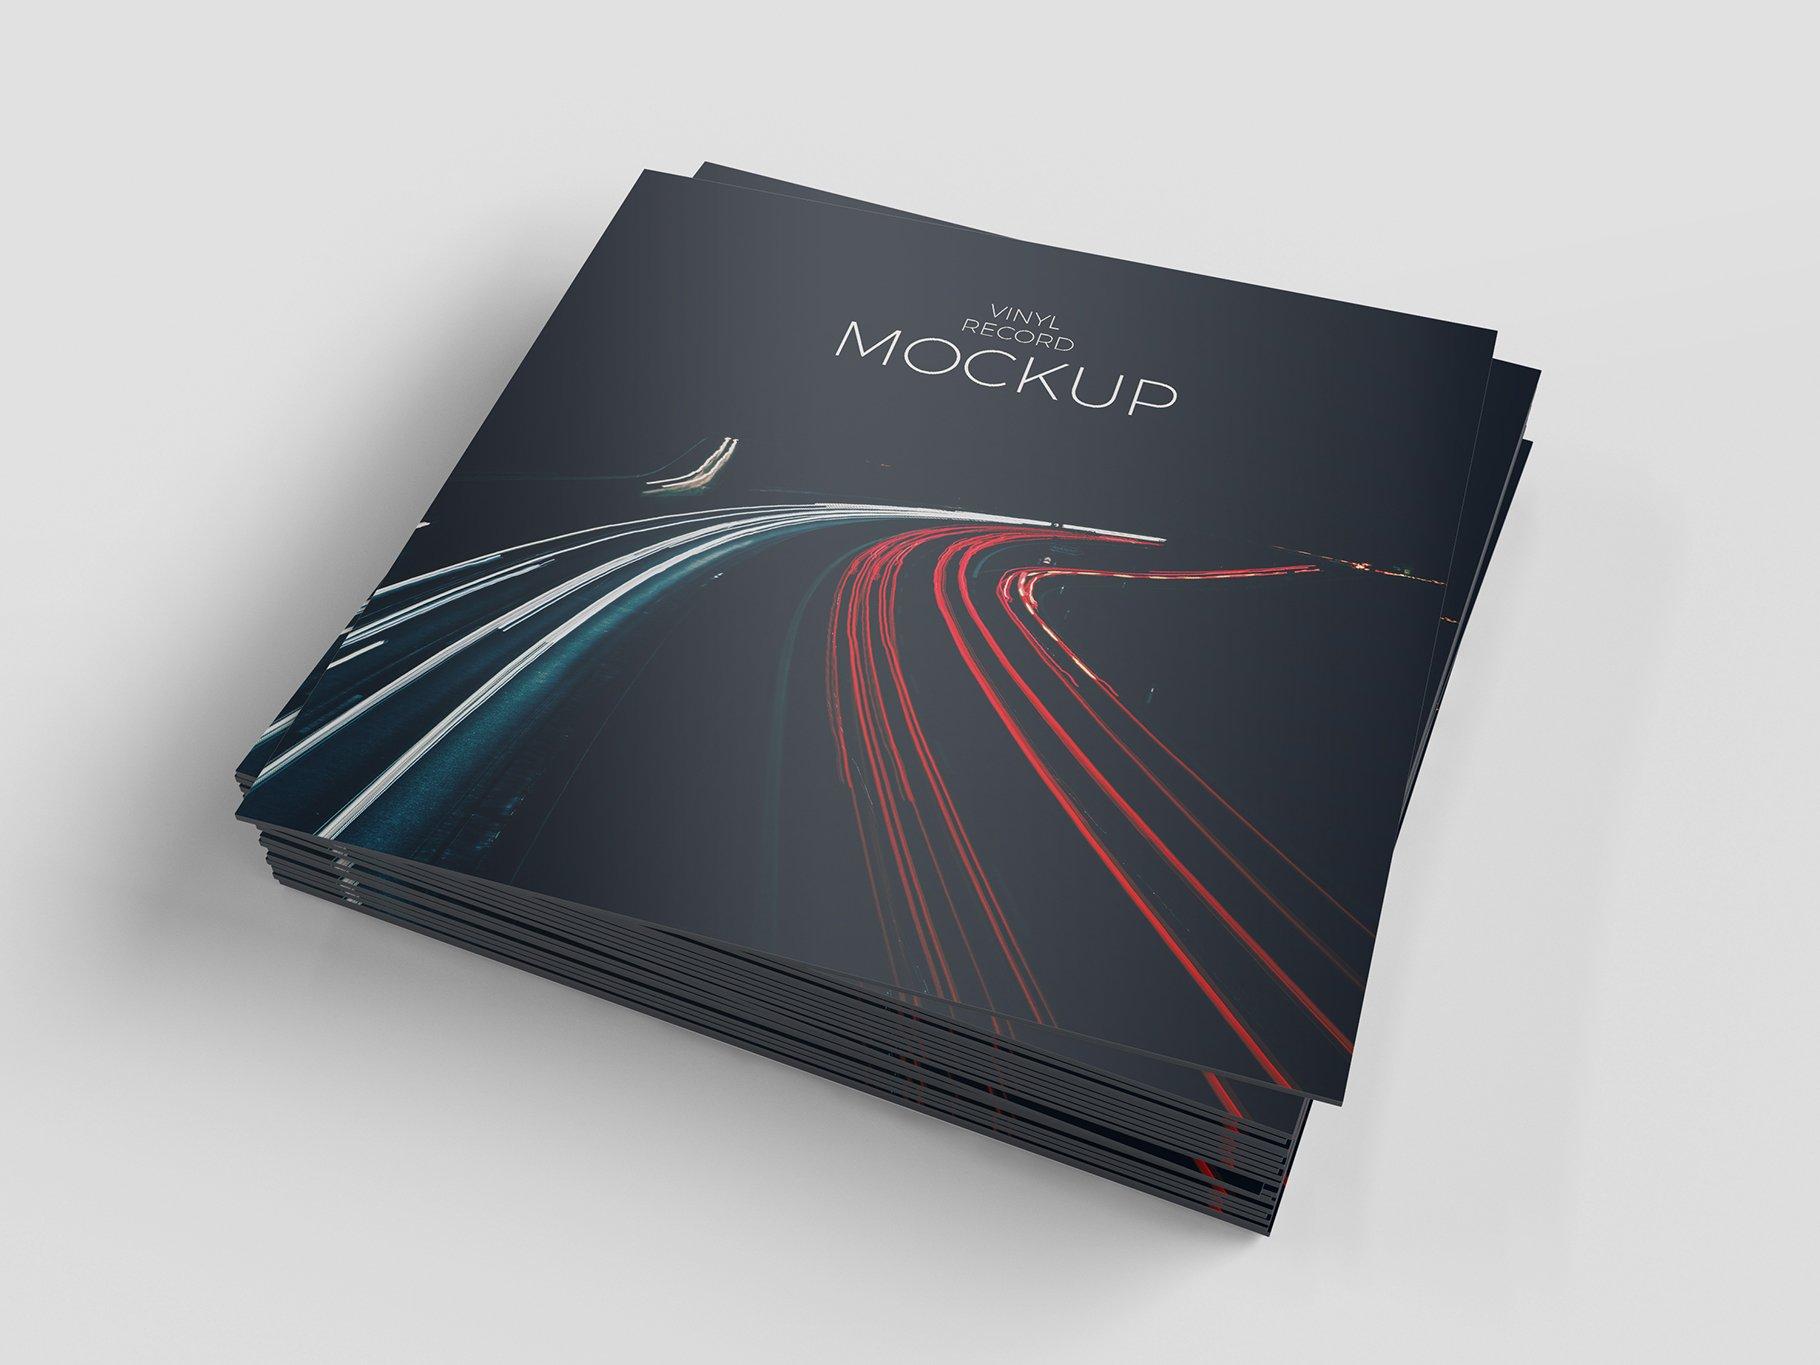 12个逼真黑胶片包装设计PS智能贴图样机模板 Vinyl Record Mockup插图4